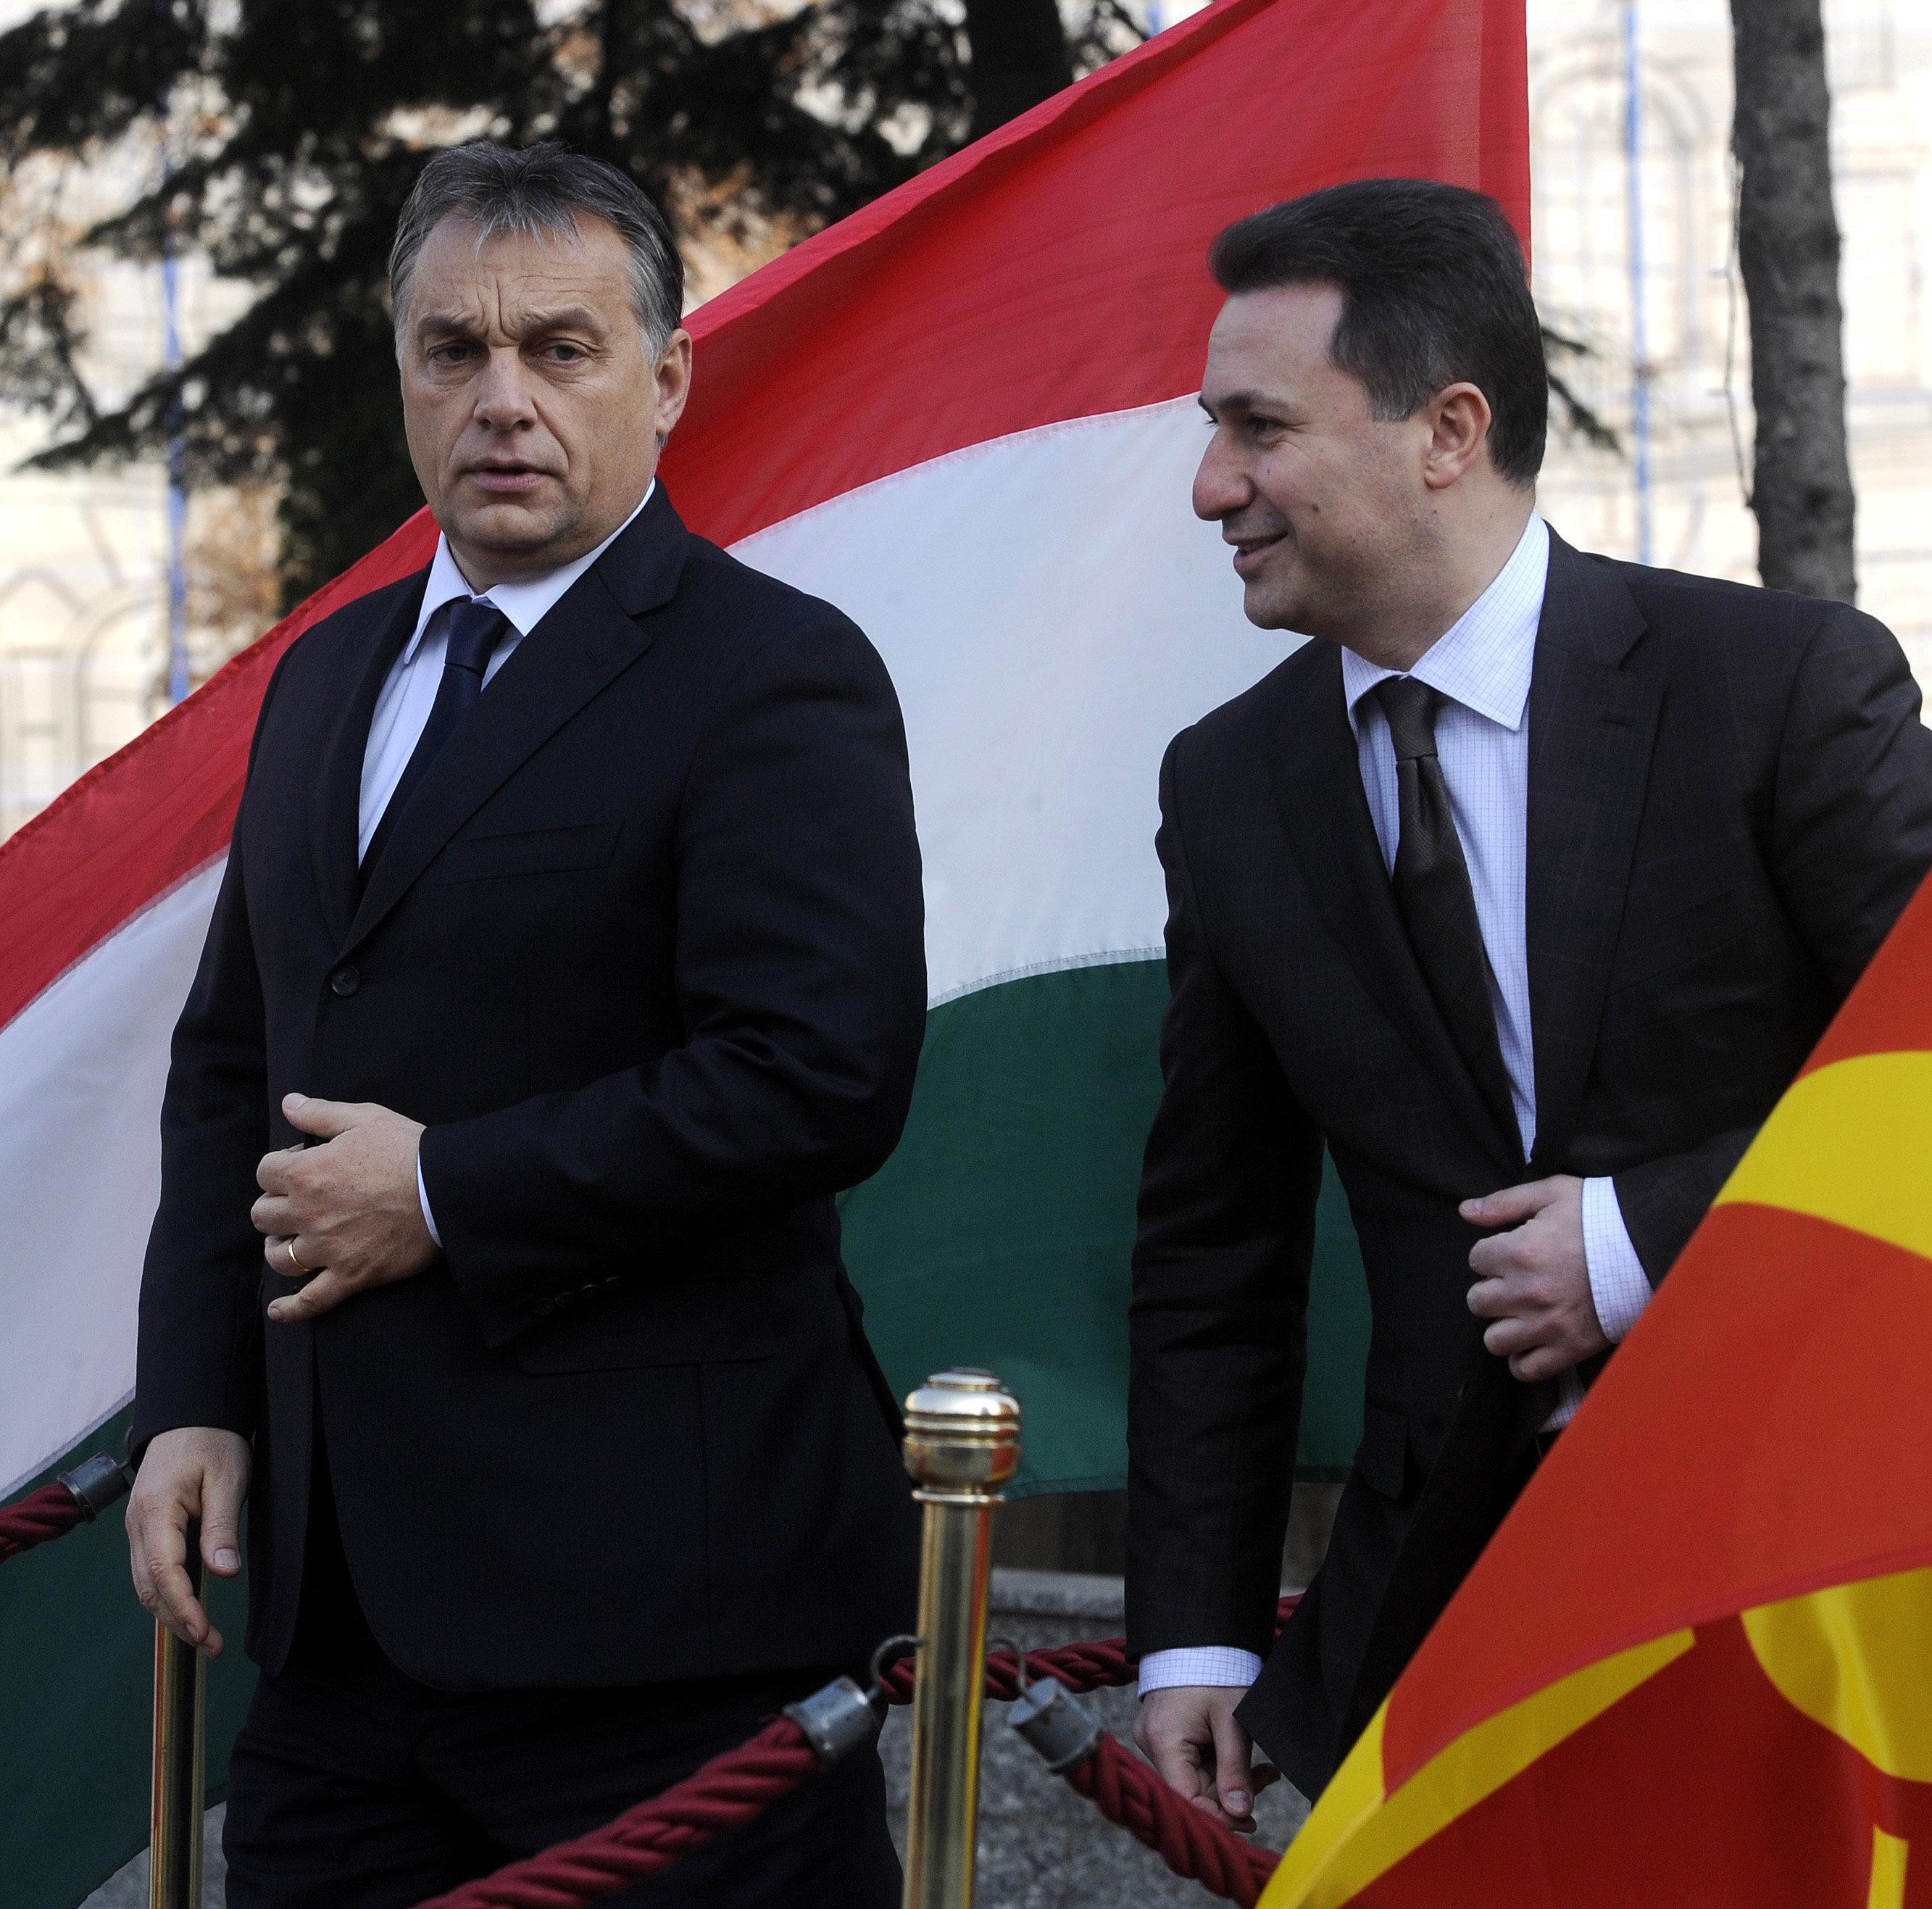 Κομισιόν: H απόφαση της Ουγγαρίας να χορηγήσει άσυλο στον Γκρουέβσκι, χρήζει